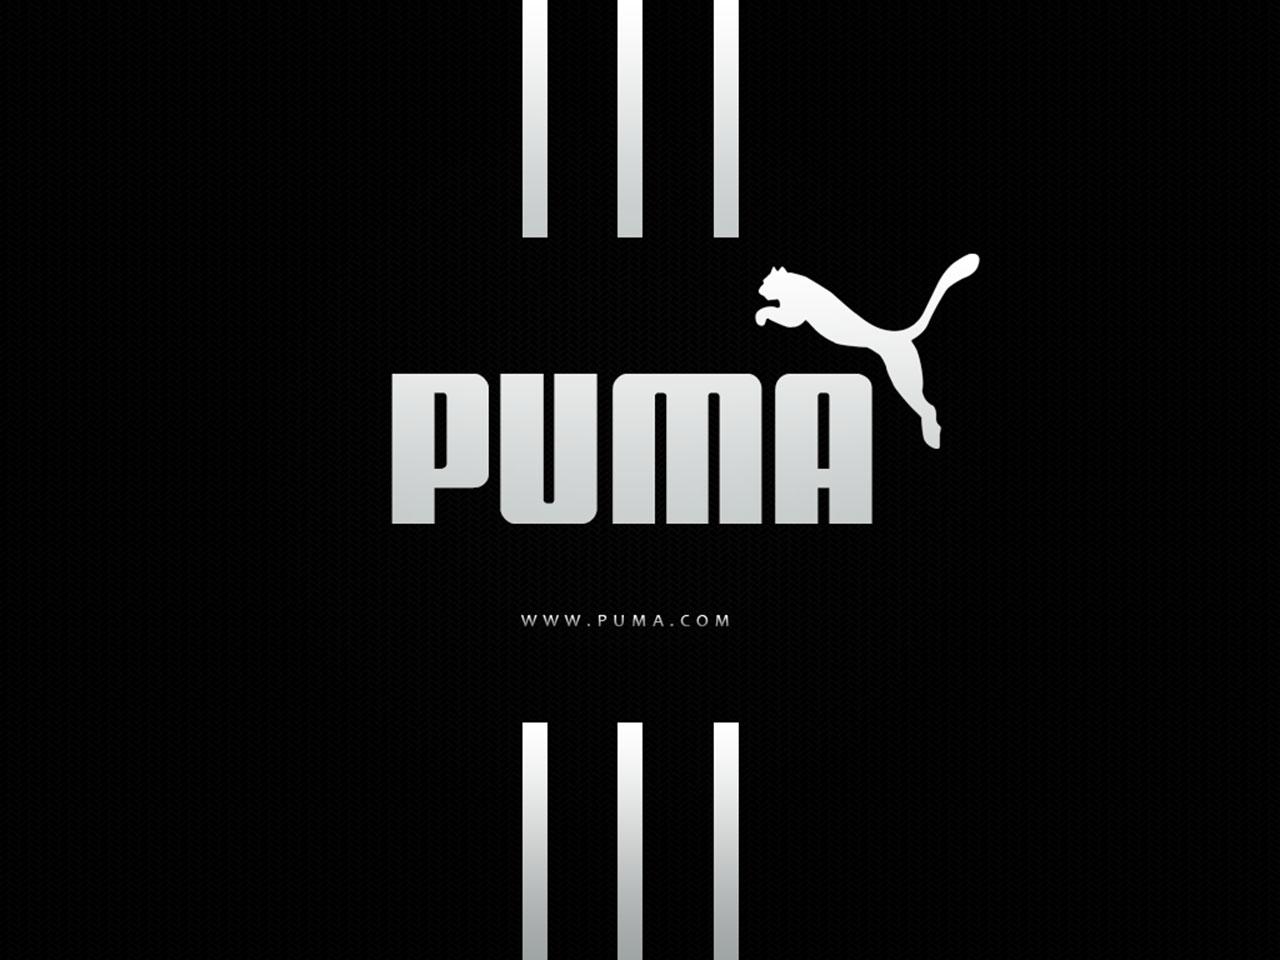 Puma Logo Wallpaper 5383 Hd Wallpapers in Logos   Imagescicom 1280x960